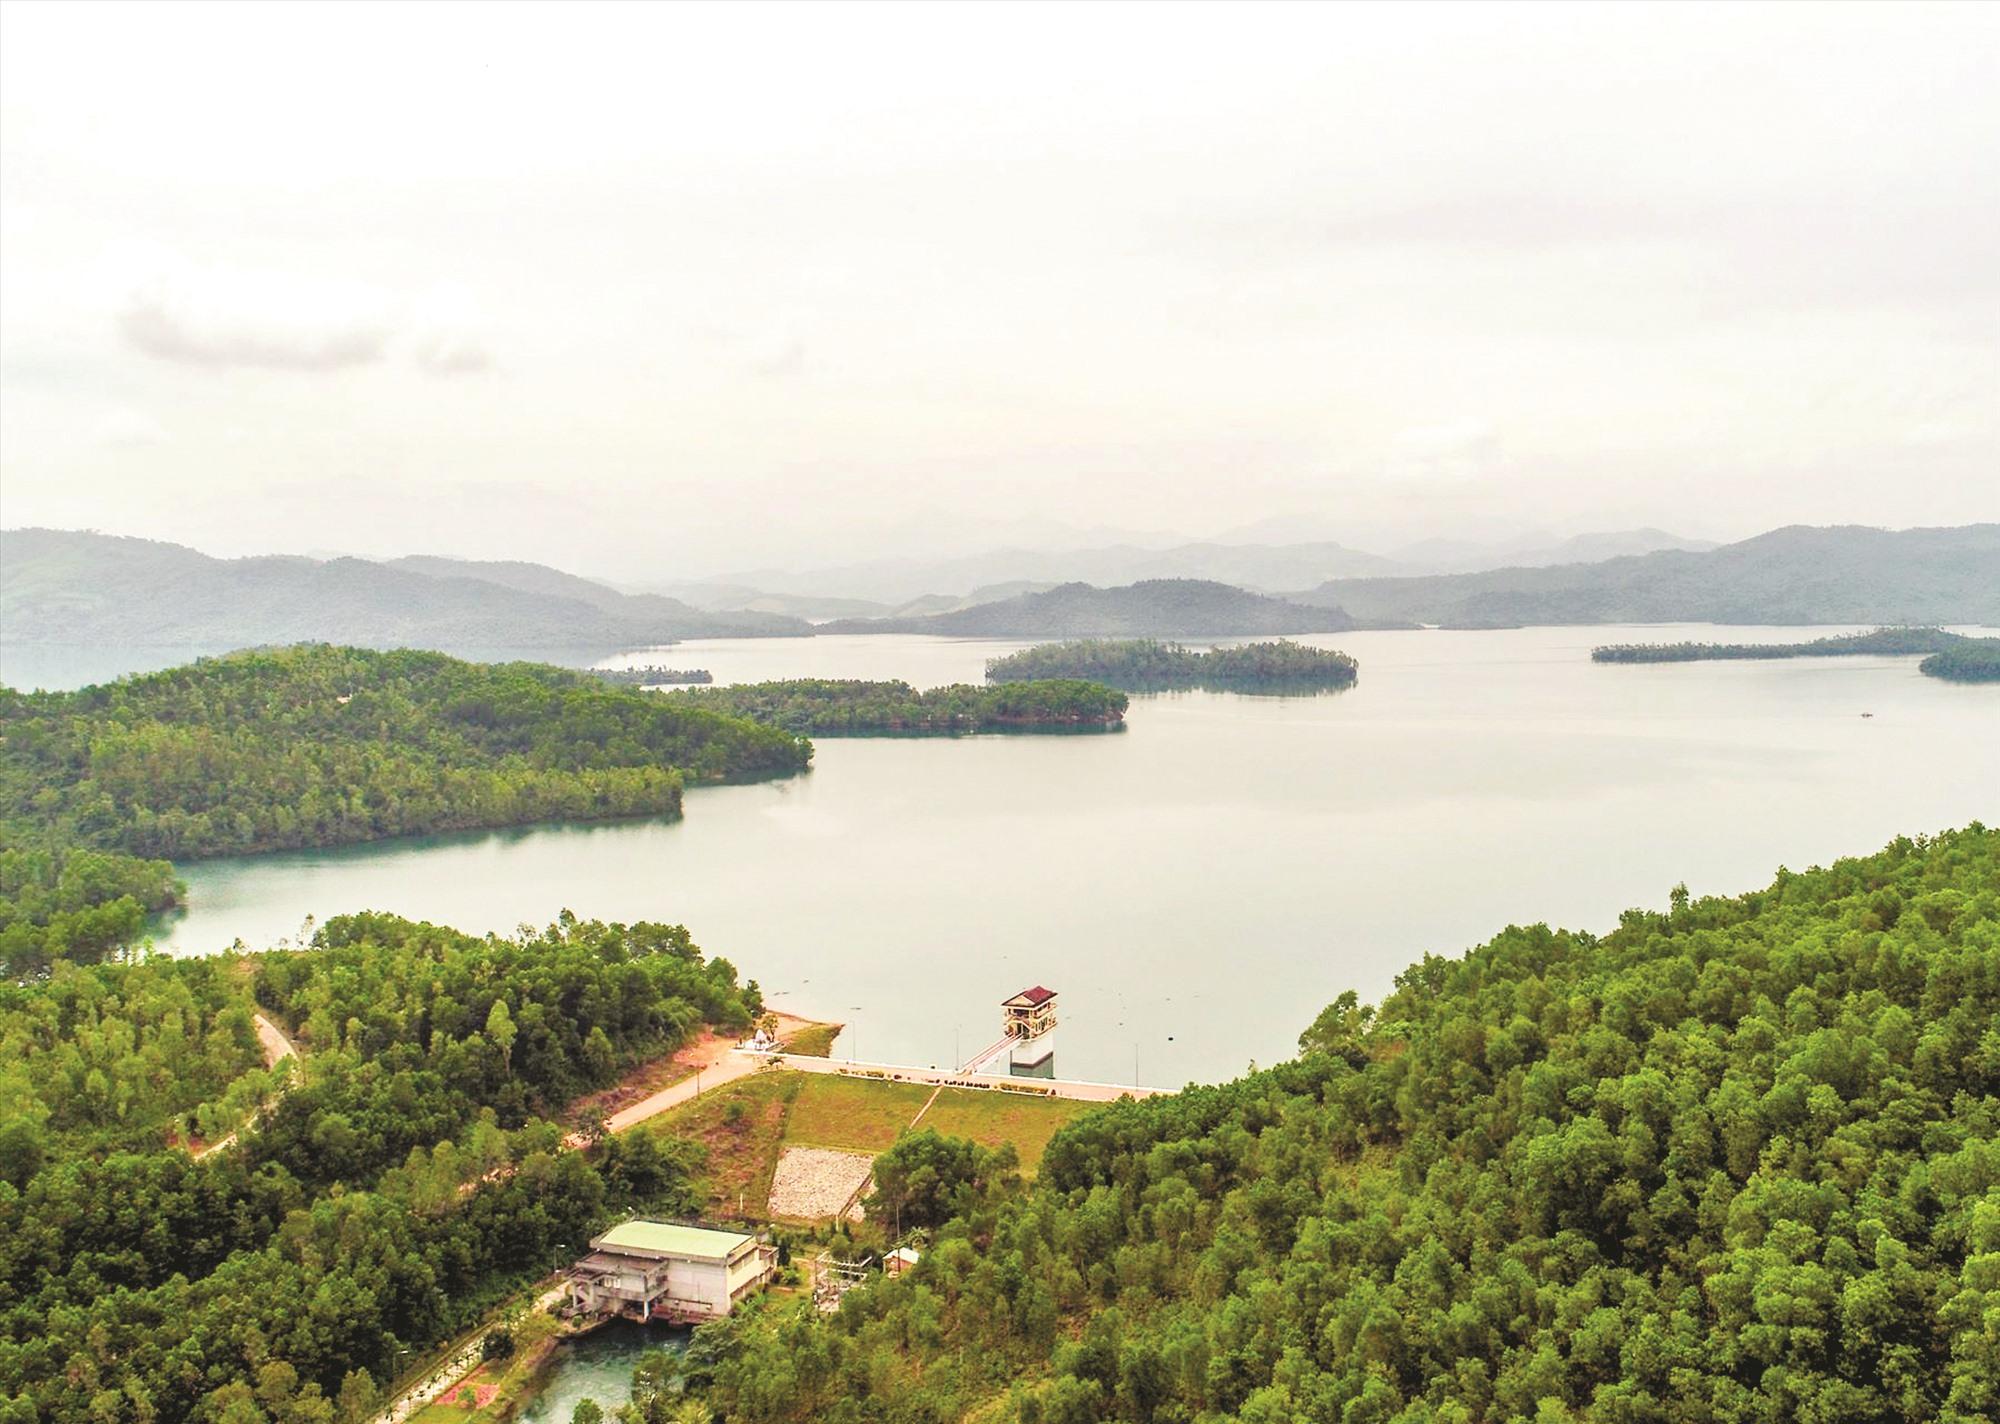 Trong khuôn khổ hoạt động REDD+, dự án Trường Sơn Xanh đã xây dựng bản đồ rủi ro mất rừng cấp độ cao cho Quảng Nam. TRONG ẢNH: Rừng phòng hộ ở khu vực lòng hồ Phú Ninh. Ảnh: PHƯƠNG THẢO